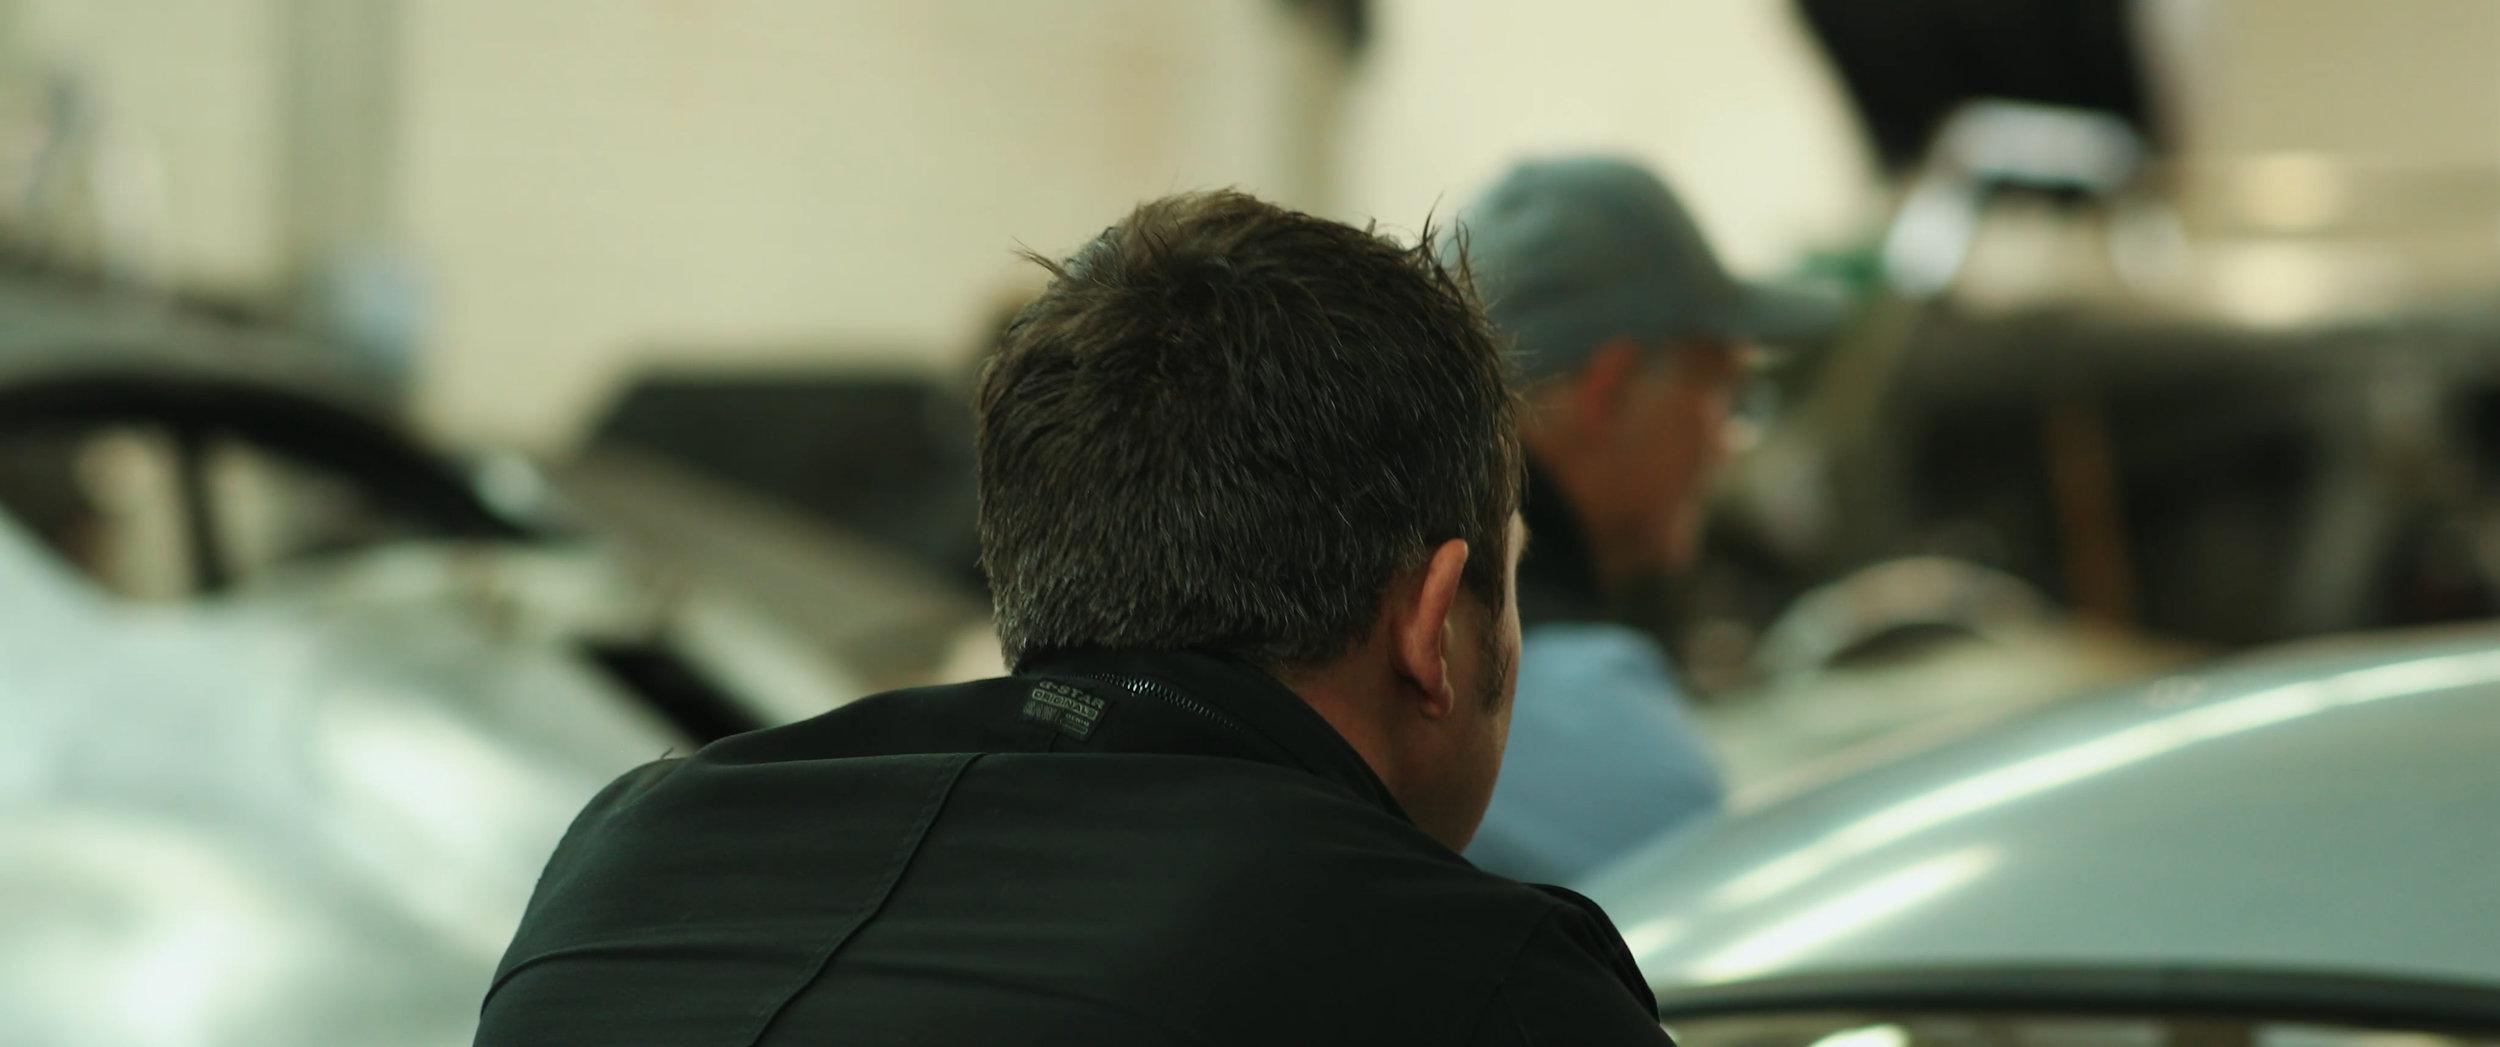 Christophorus Le Mans_v2 4K(cinemascope).mp4.00_04_24_02.Still026.jpg